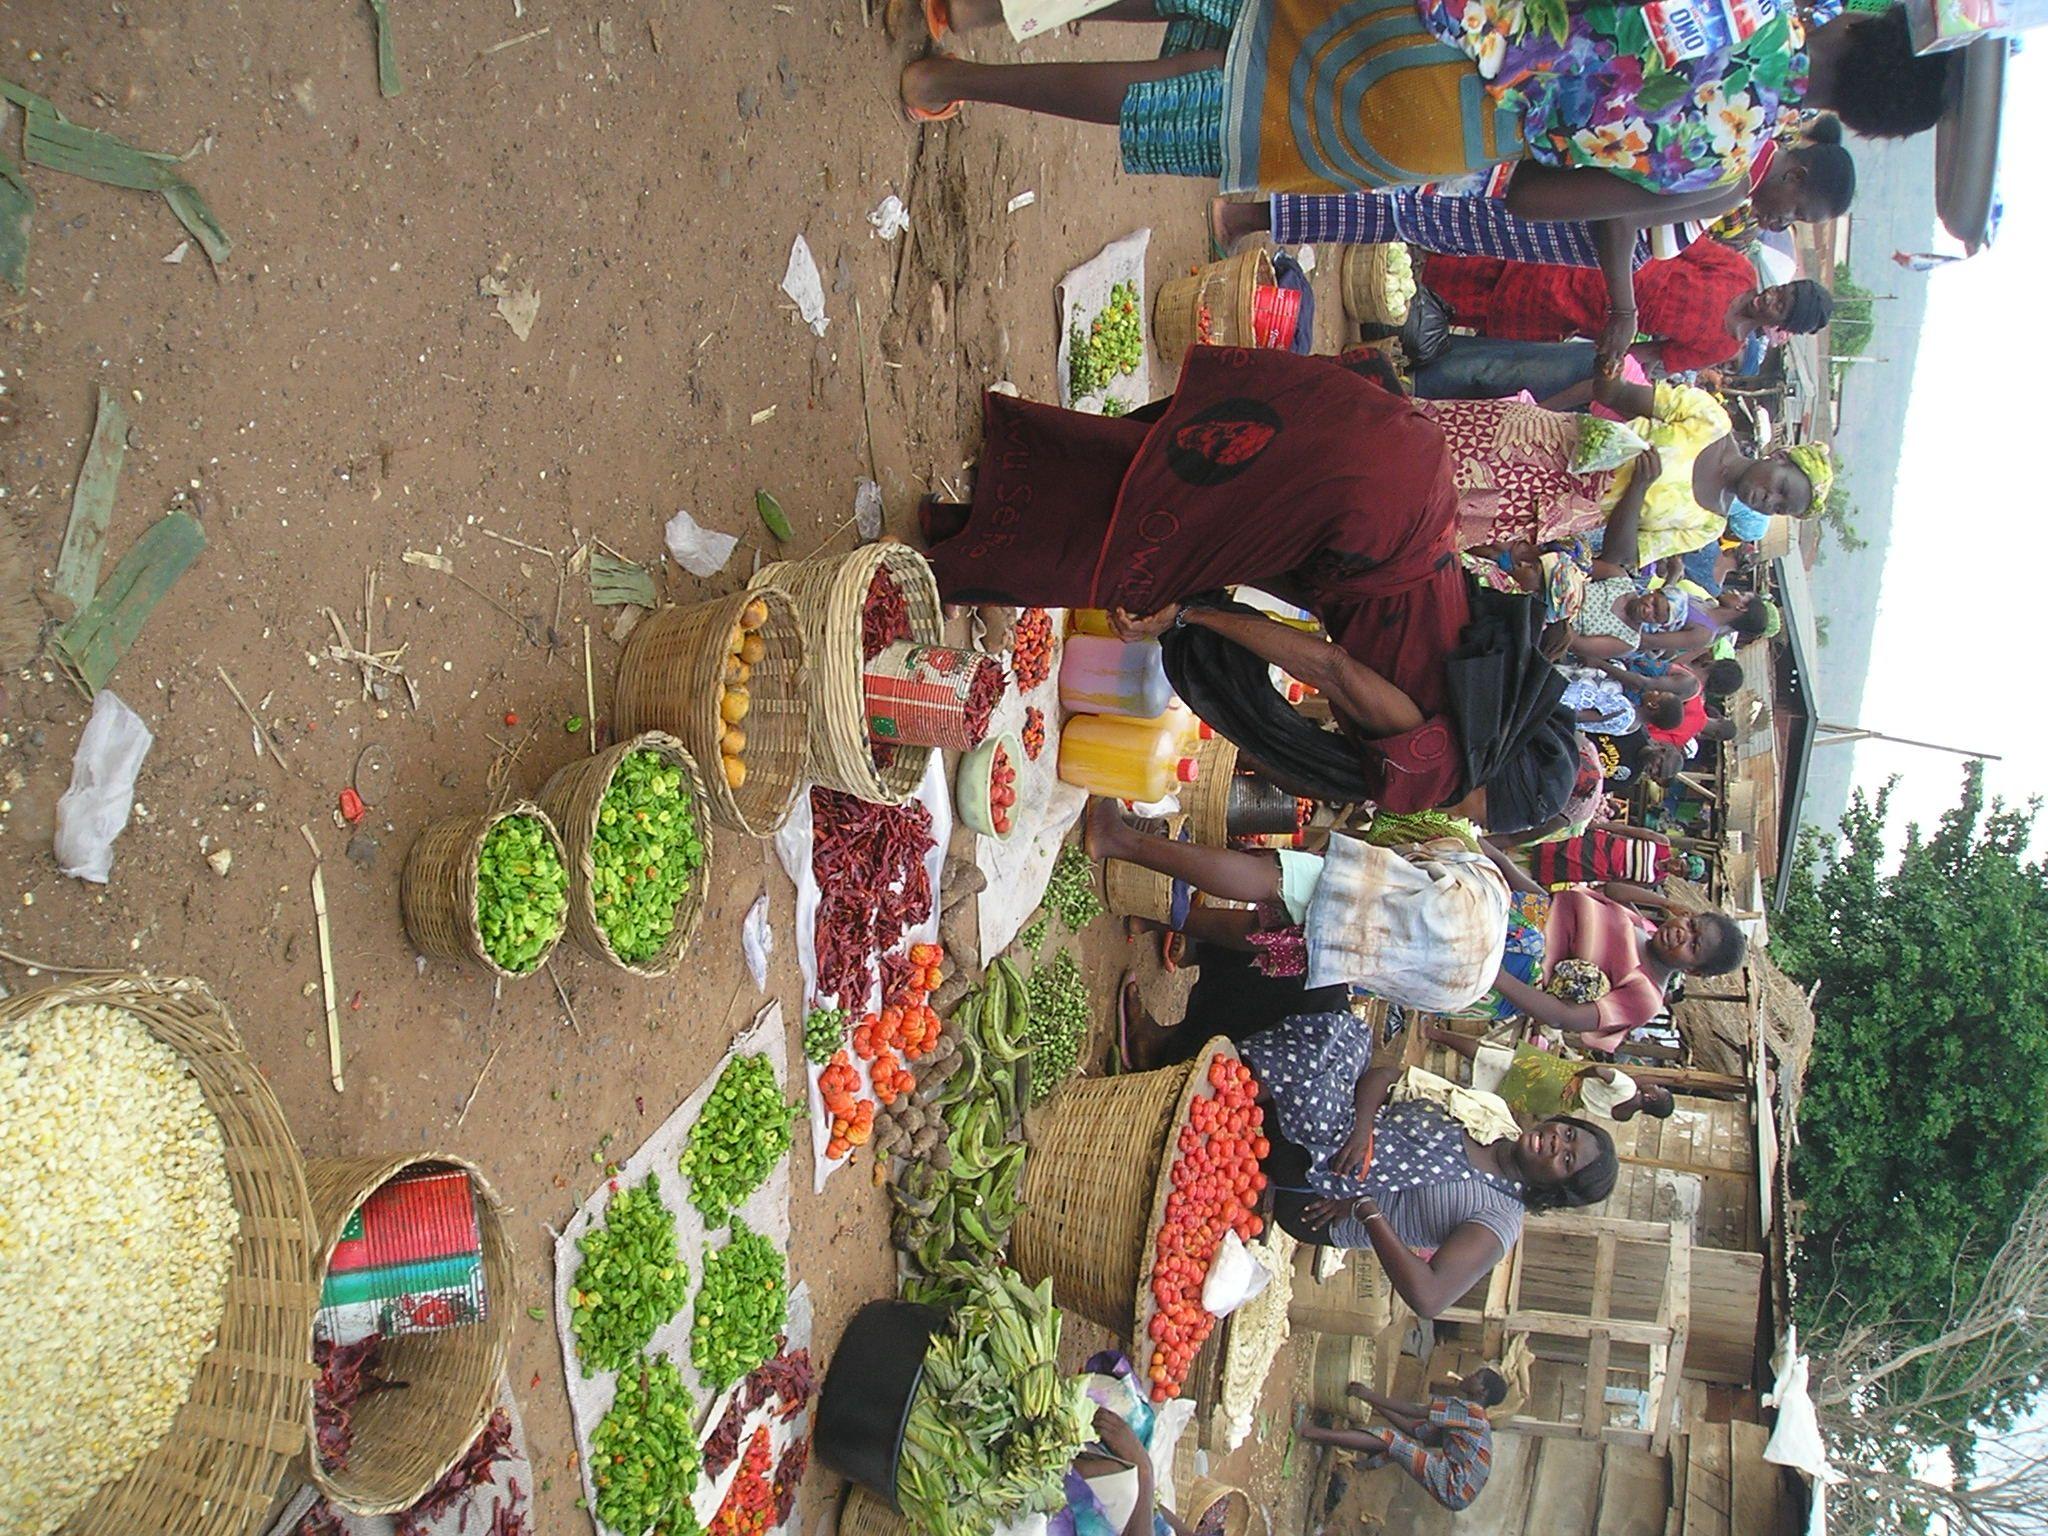 Marktszene #Ghana - bunt, turbulent, interessant! http://www.projects-abroad.de/ziellander/ghana/